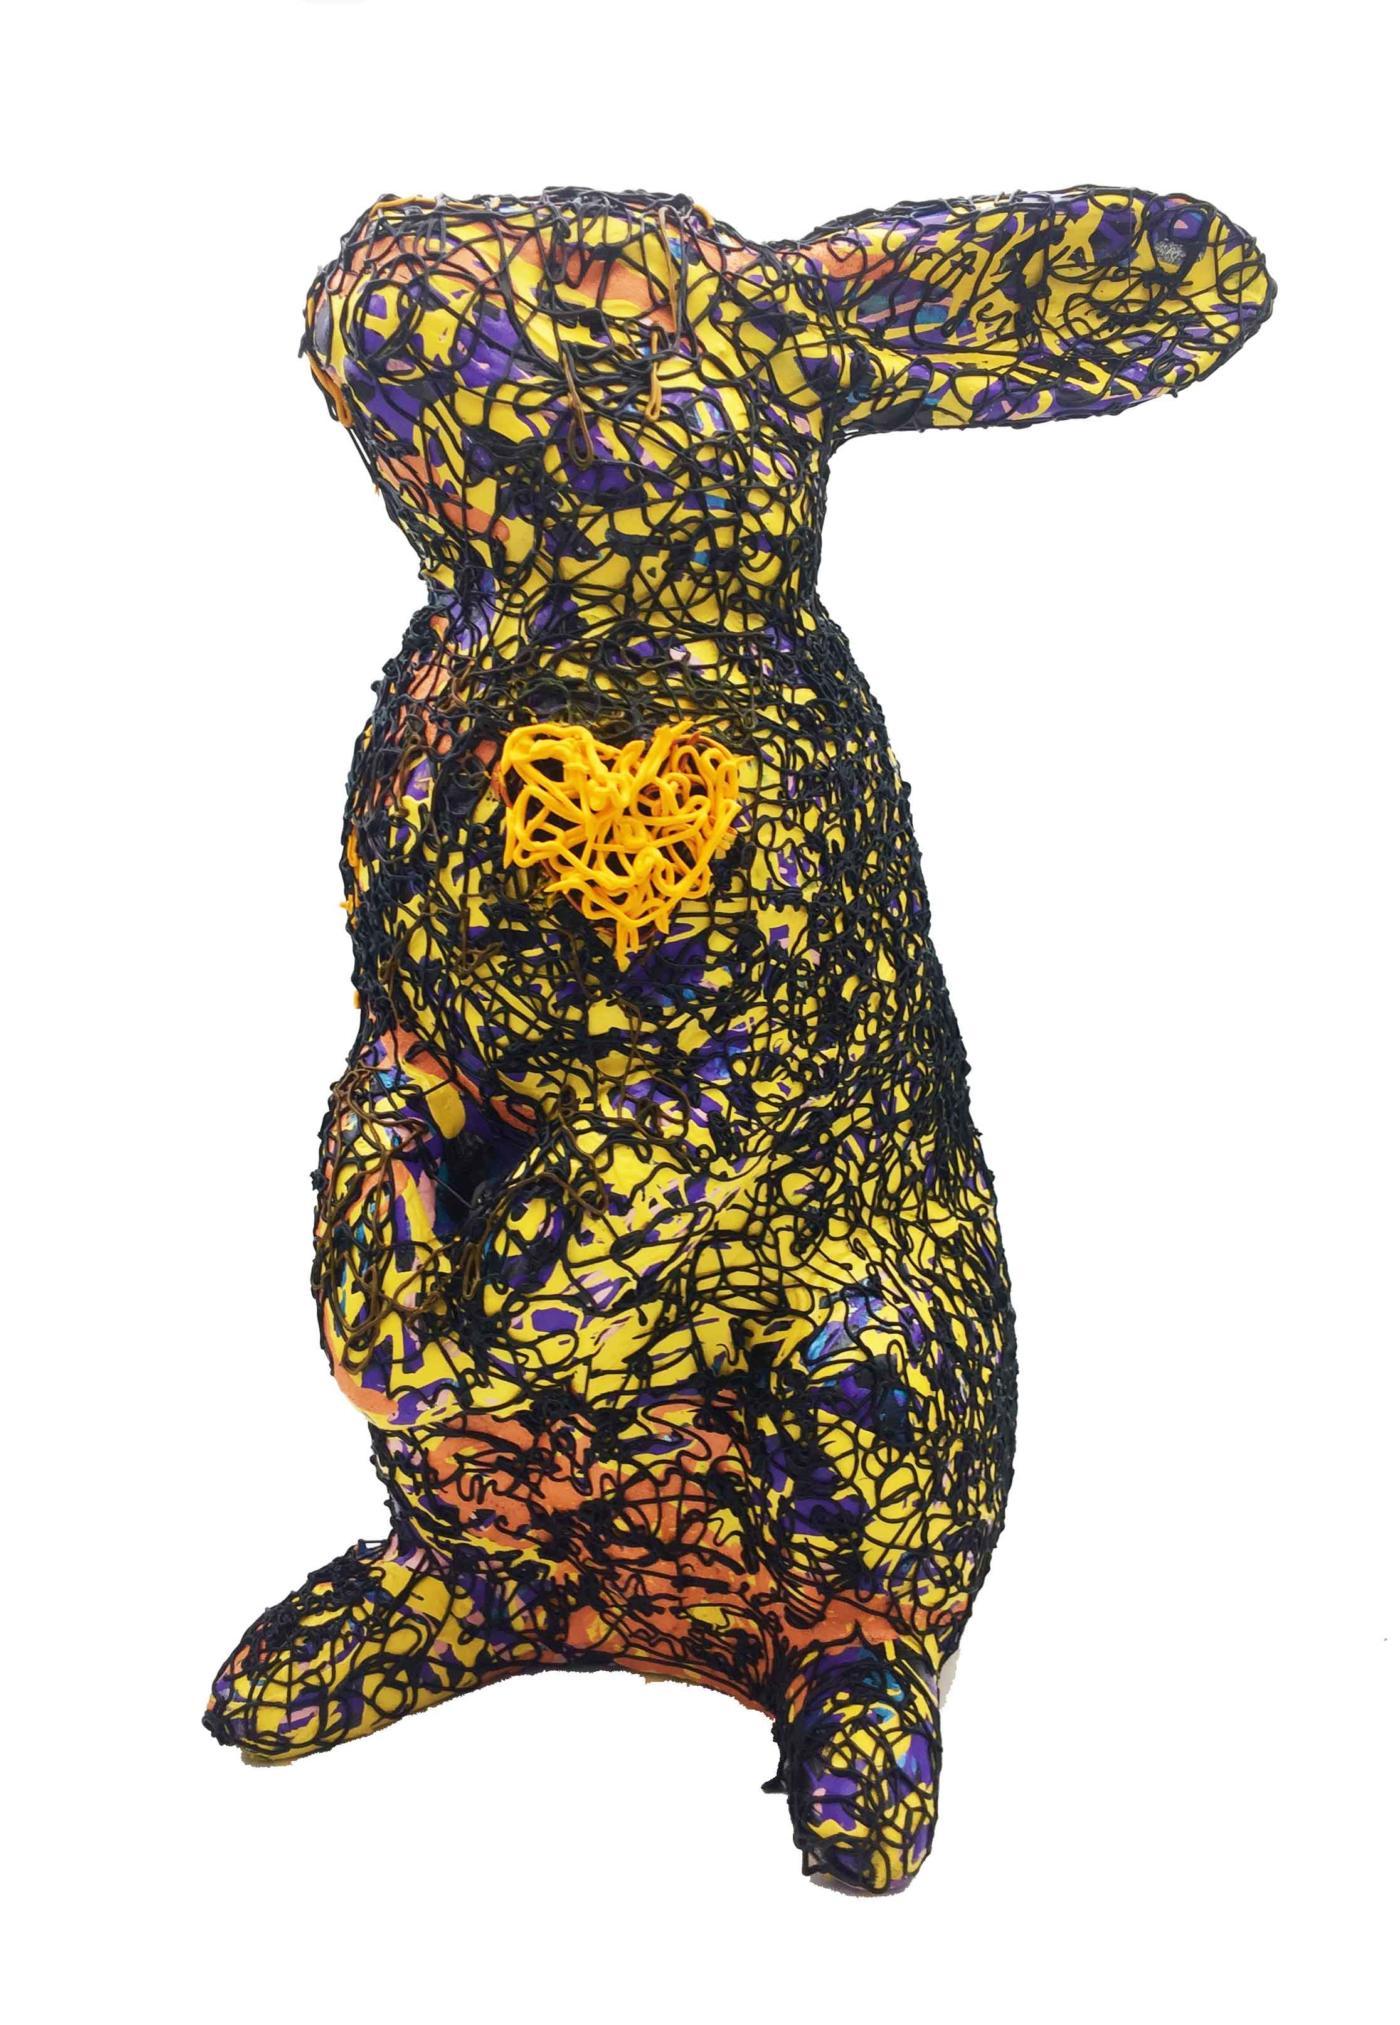 Daphné Dejay - Série les Jean d'Art -Jean Joe (hommage à Boelher) - Acrylique sur résine - vernis  - Pièce unique - 38 x 20 x 17 cm